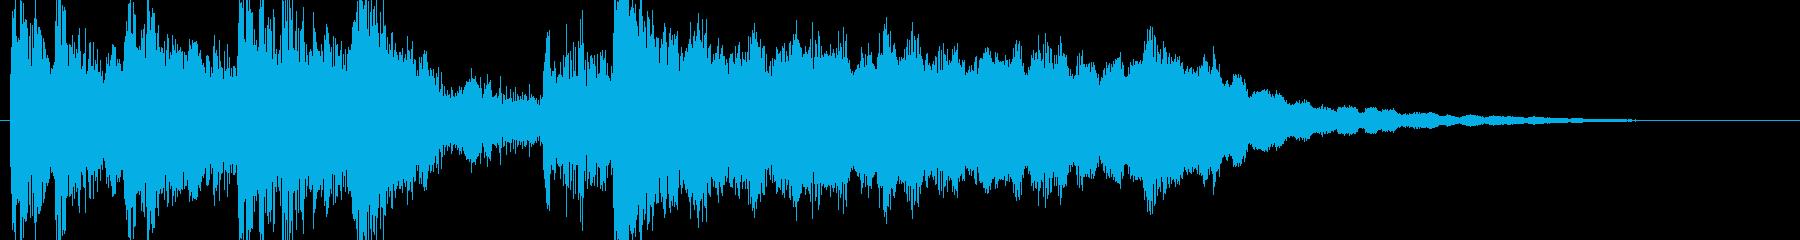 高音質♪和琴笛ジングル・アイキャッチの再生済みの波形